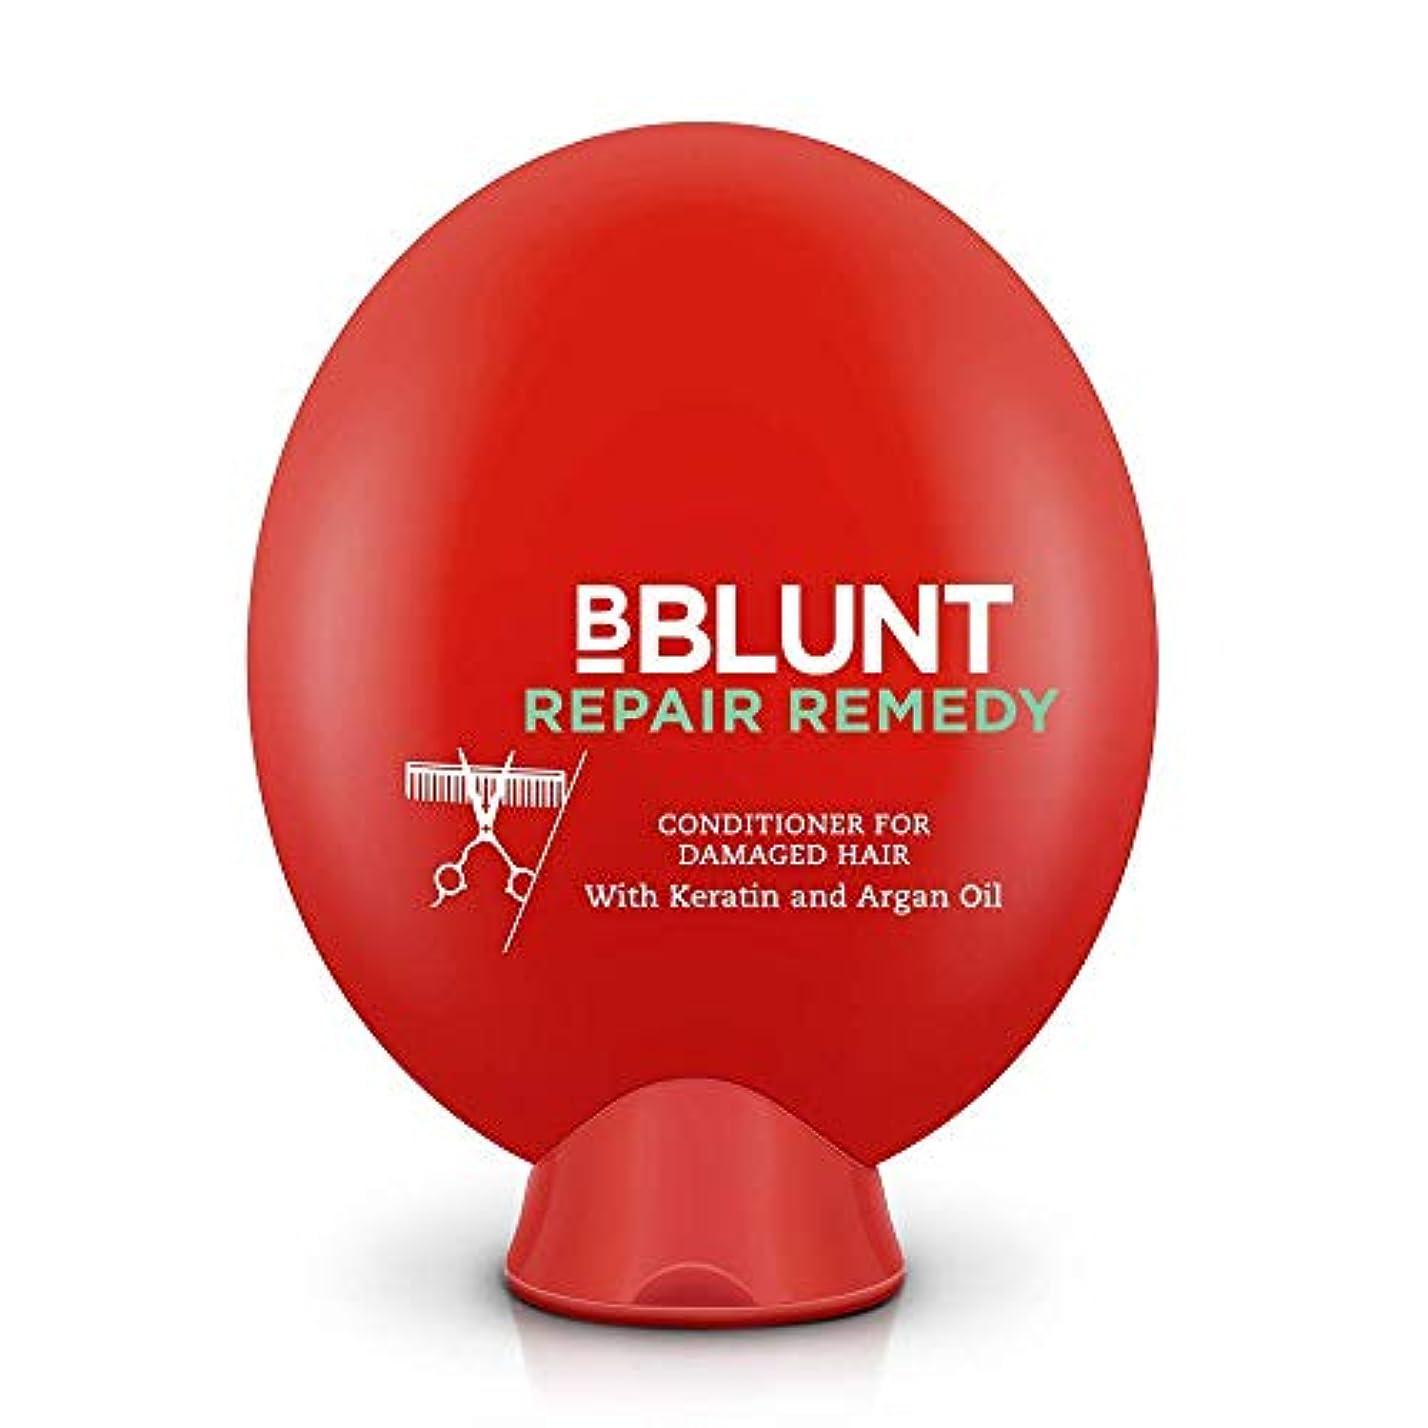 歩く貞彼らのものBBLUNT Repair Remedy Conditioner for Damaged Hair, 200g (Keratin and Argan Oil)